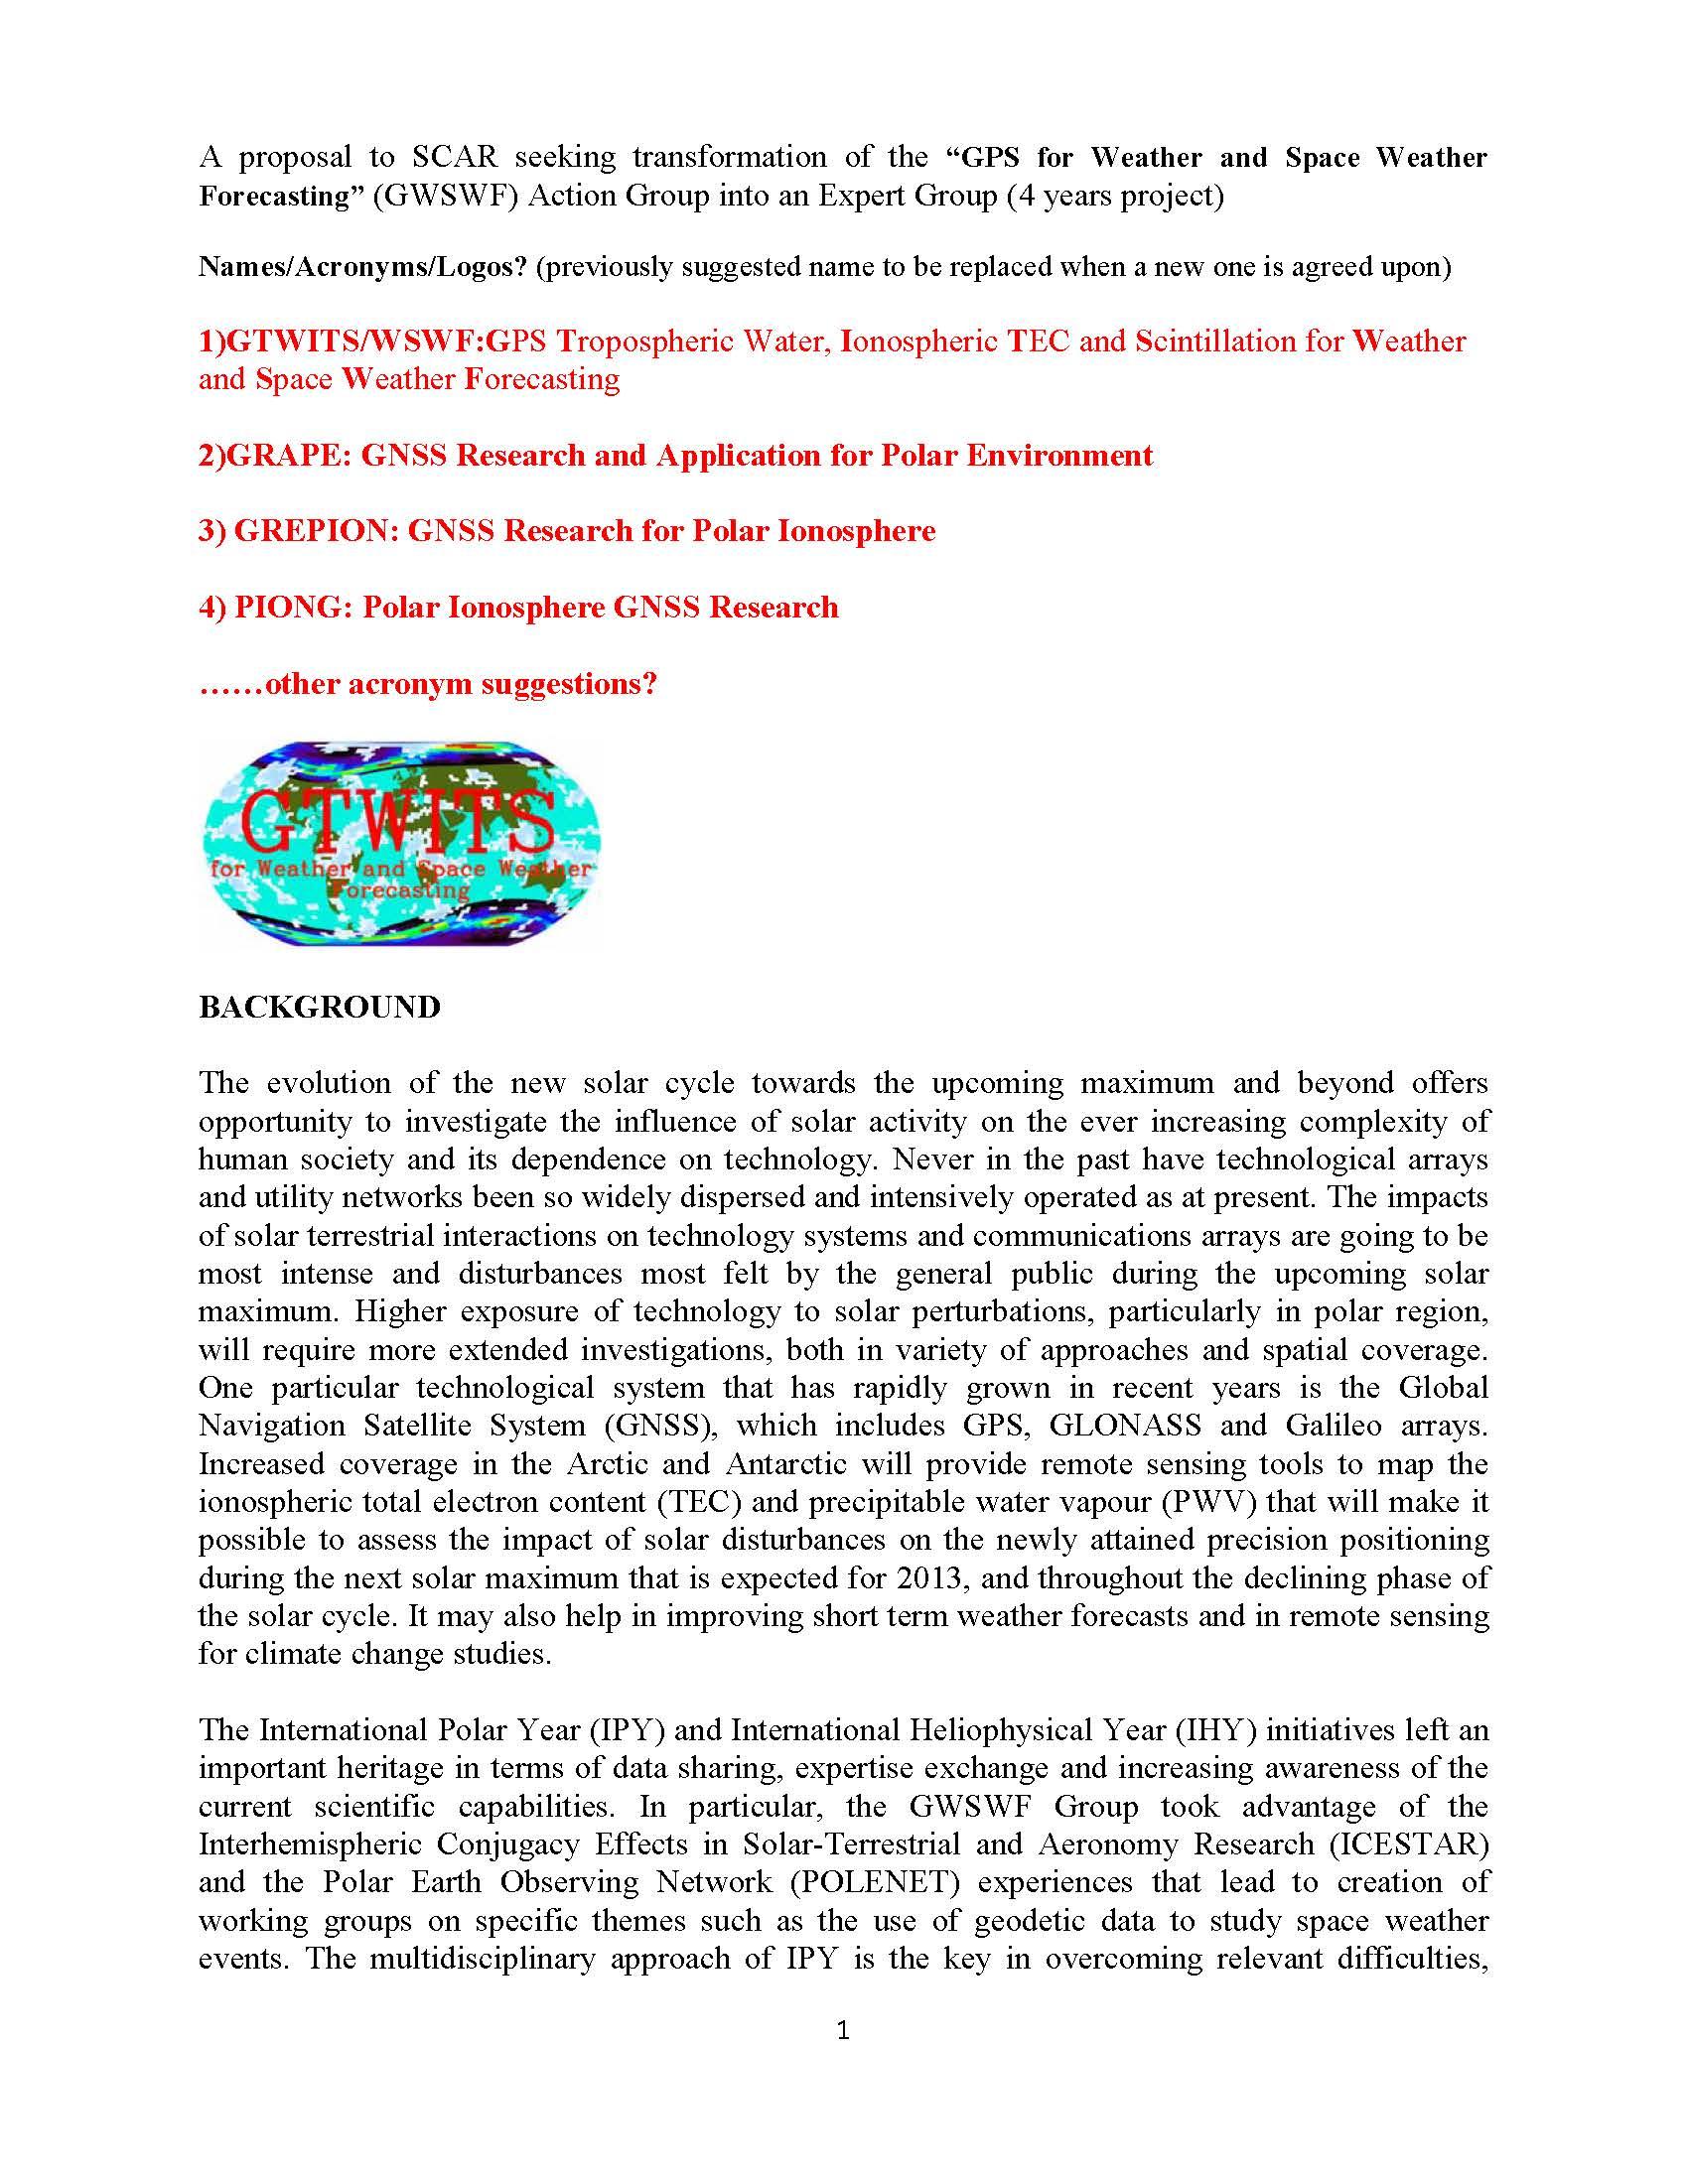 Expert Group Proposal (draft)